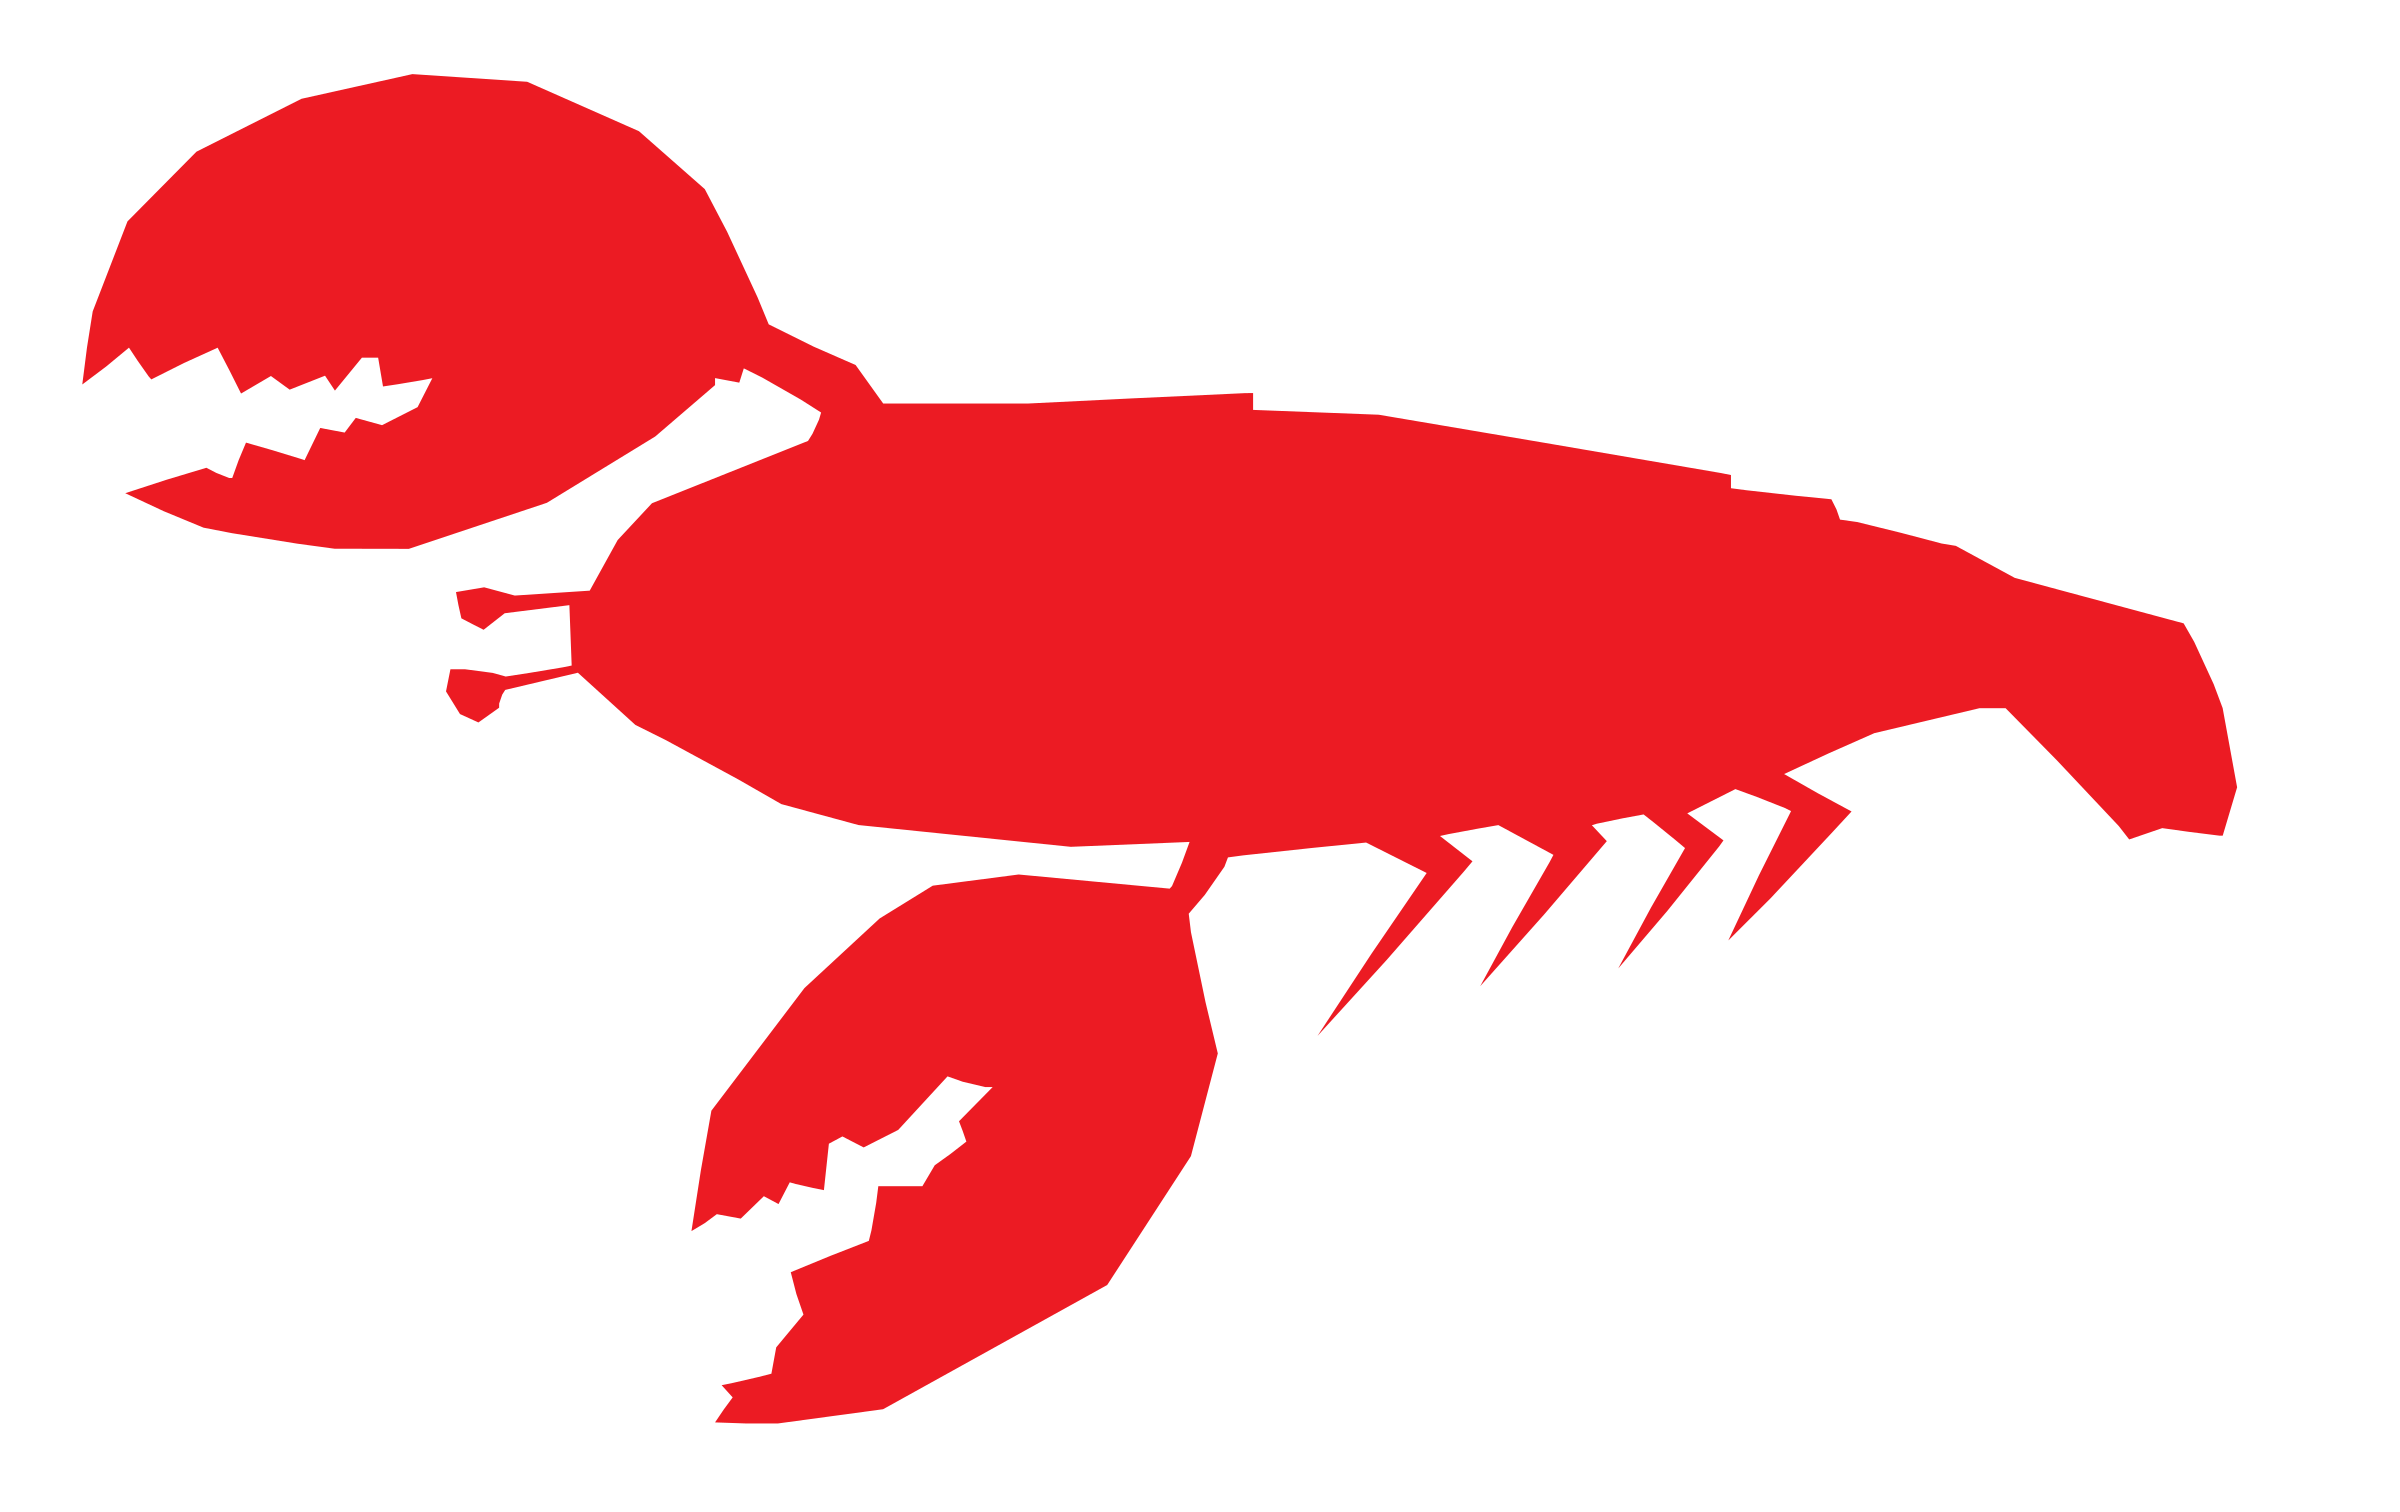 lobster clipart cartoon